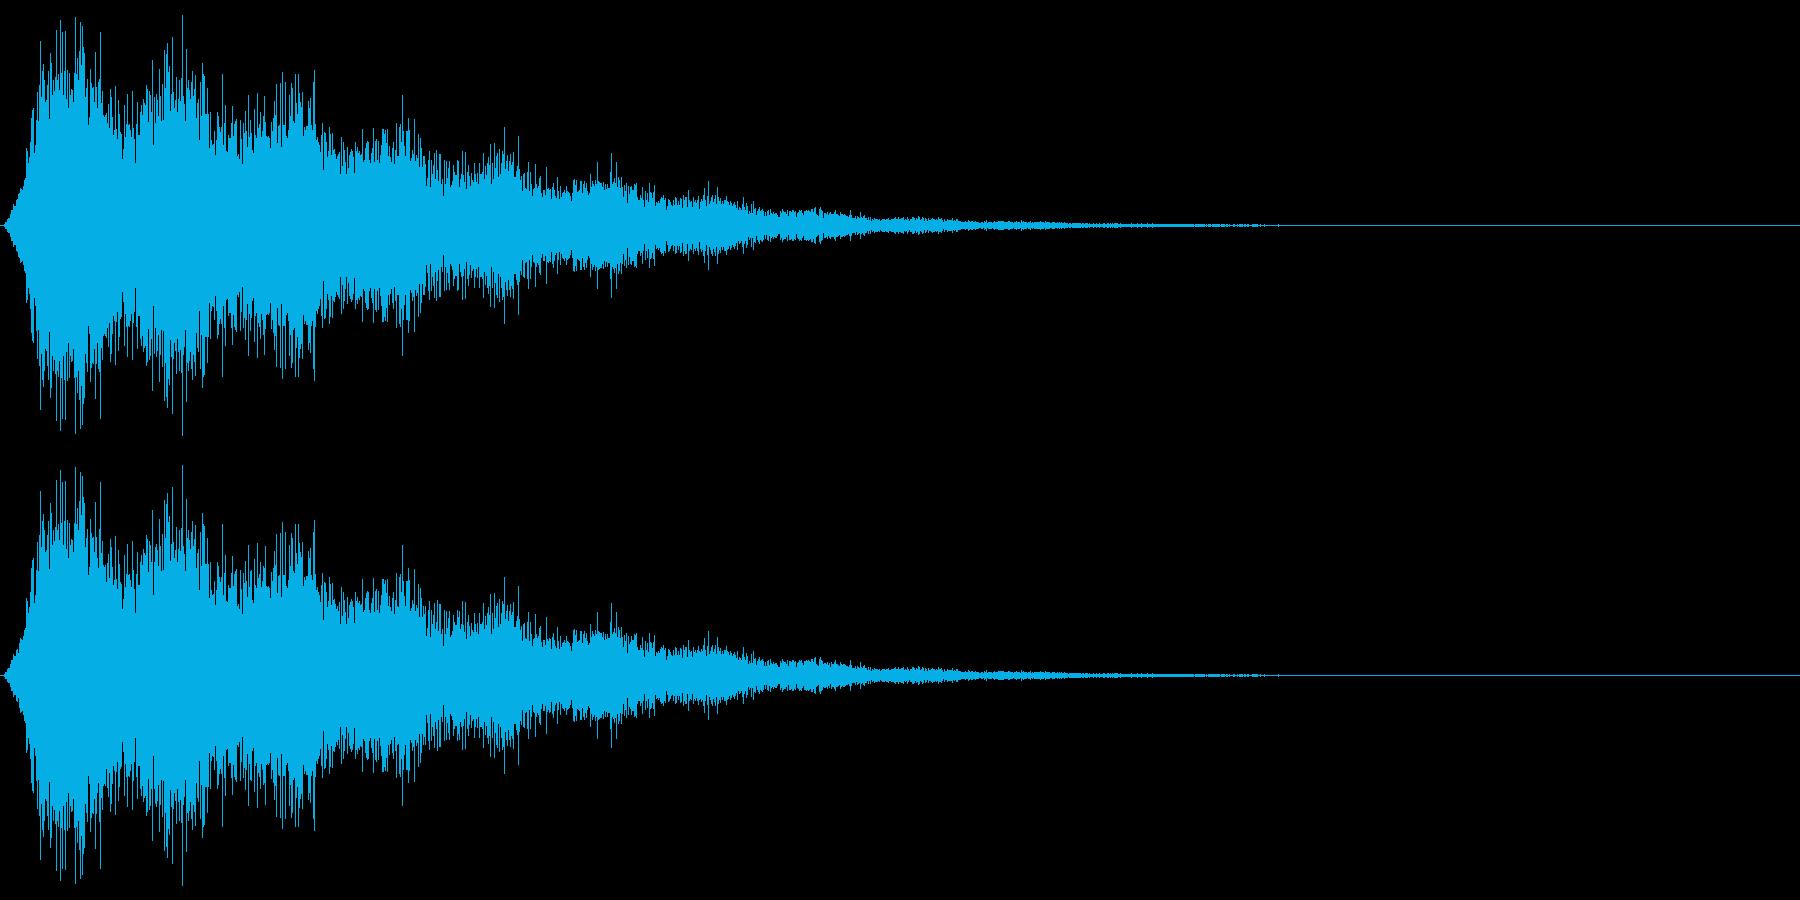 ゲームで使われる事を想定した消滅をイメ…の再生済みの波形